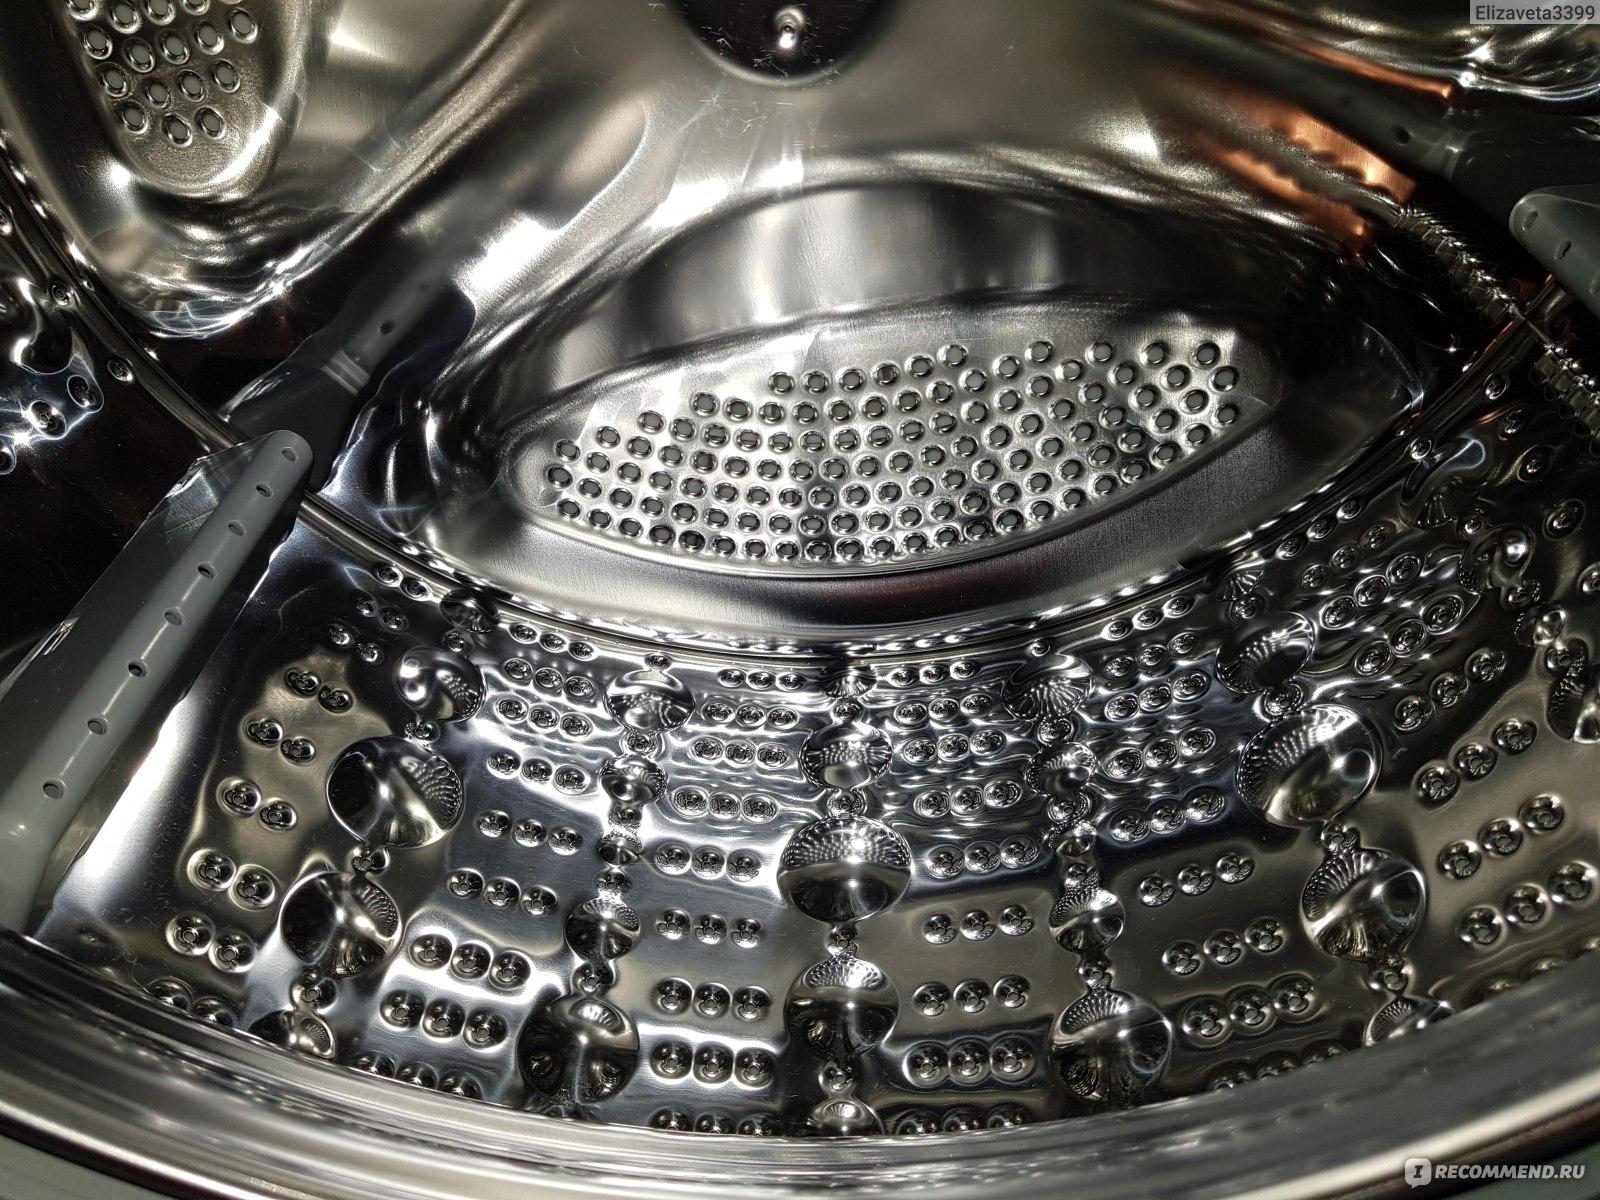 Как выбрать стиральную машину, чтобы красиво, вместительно и не шумела